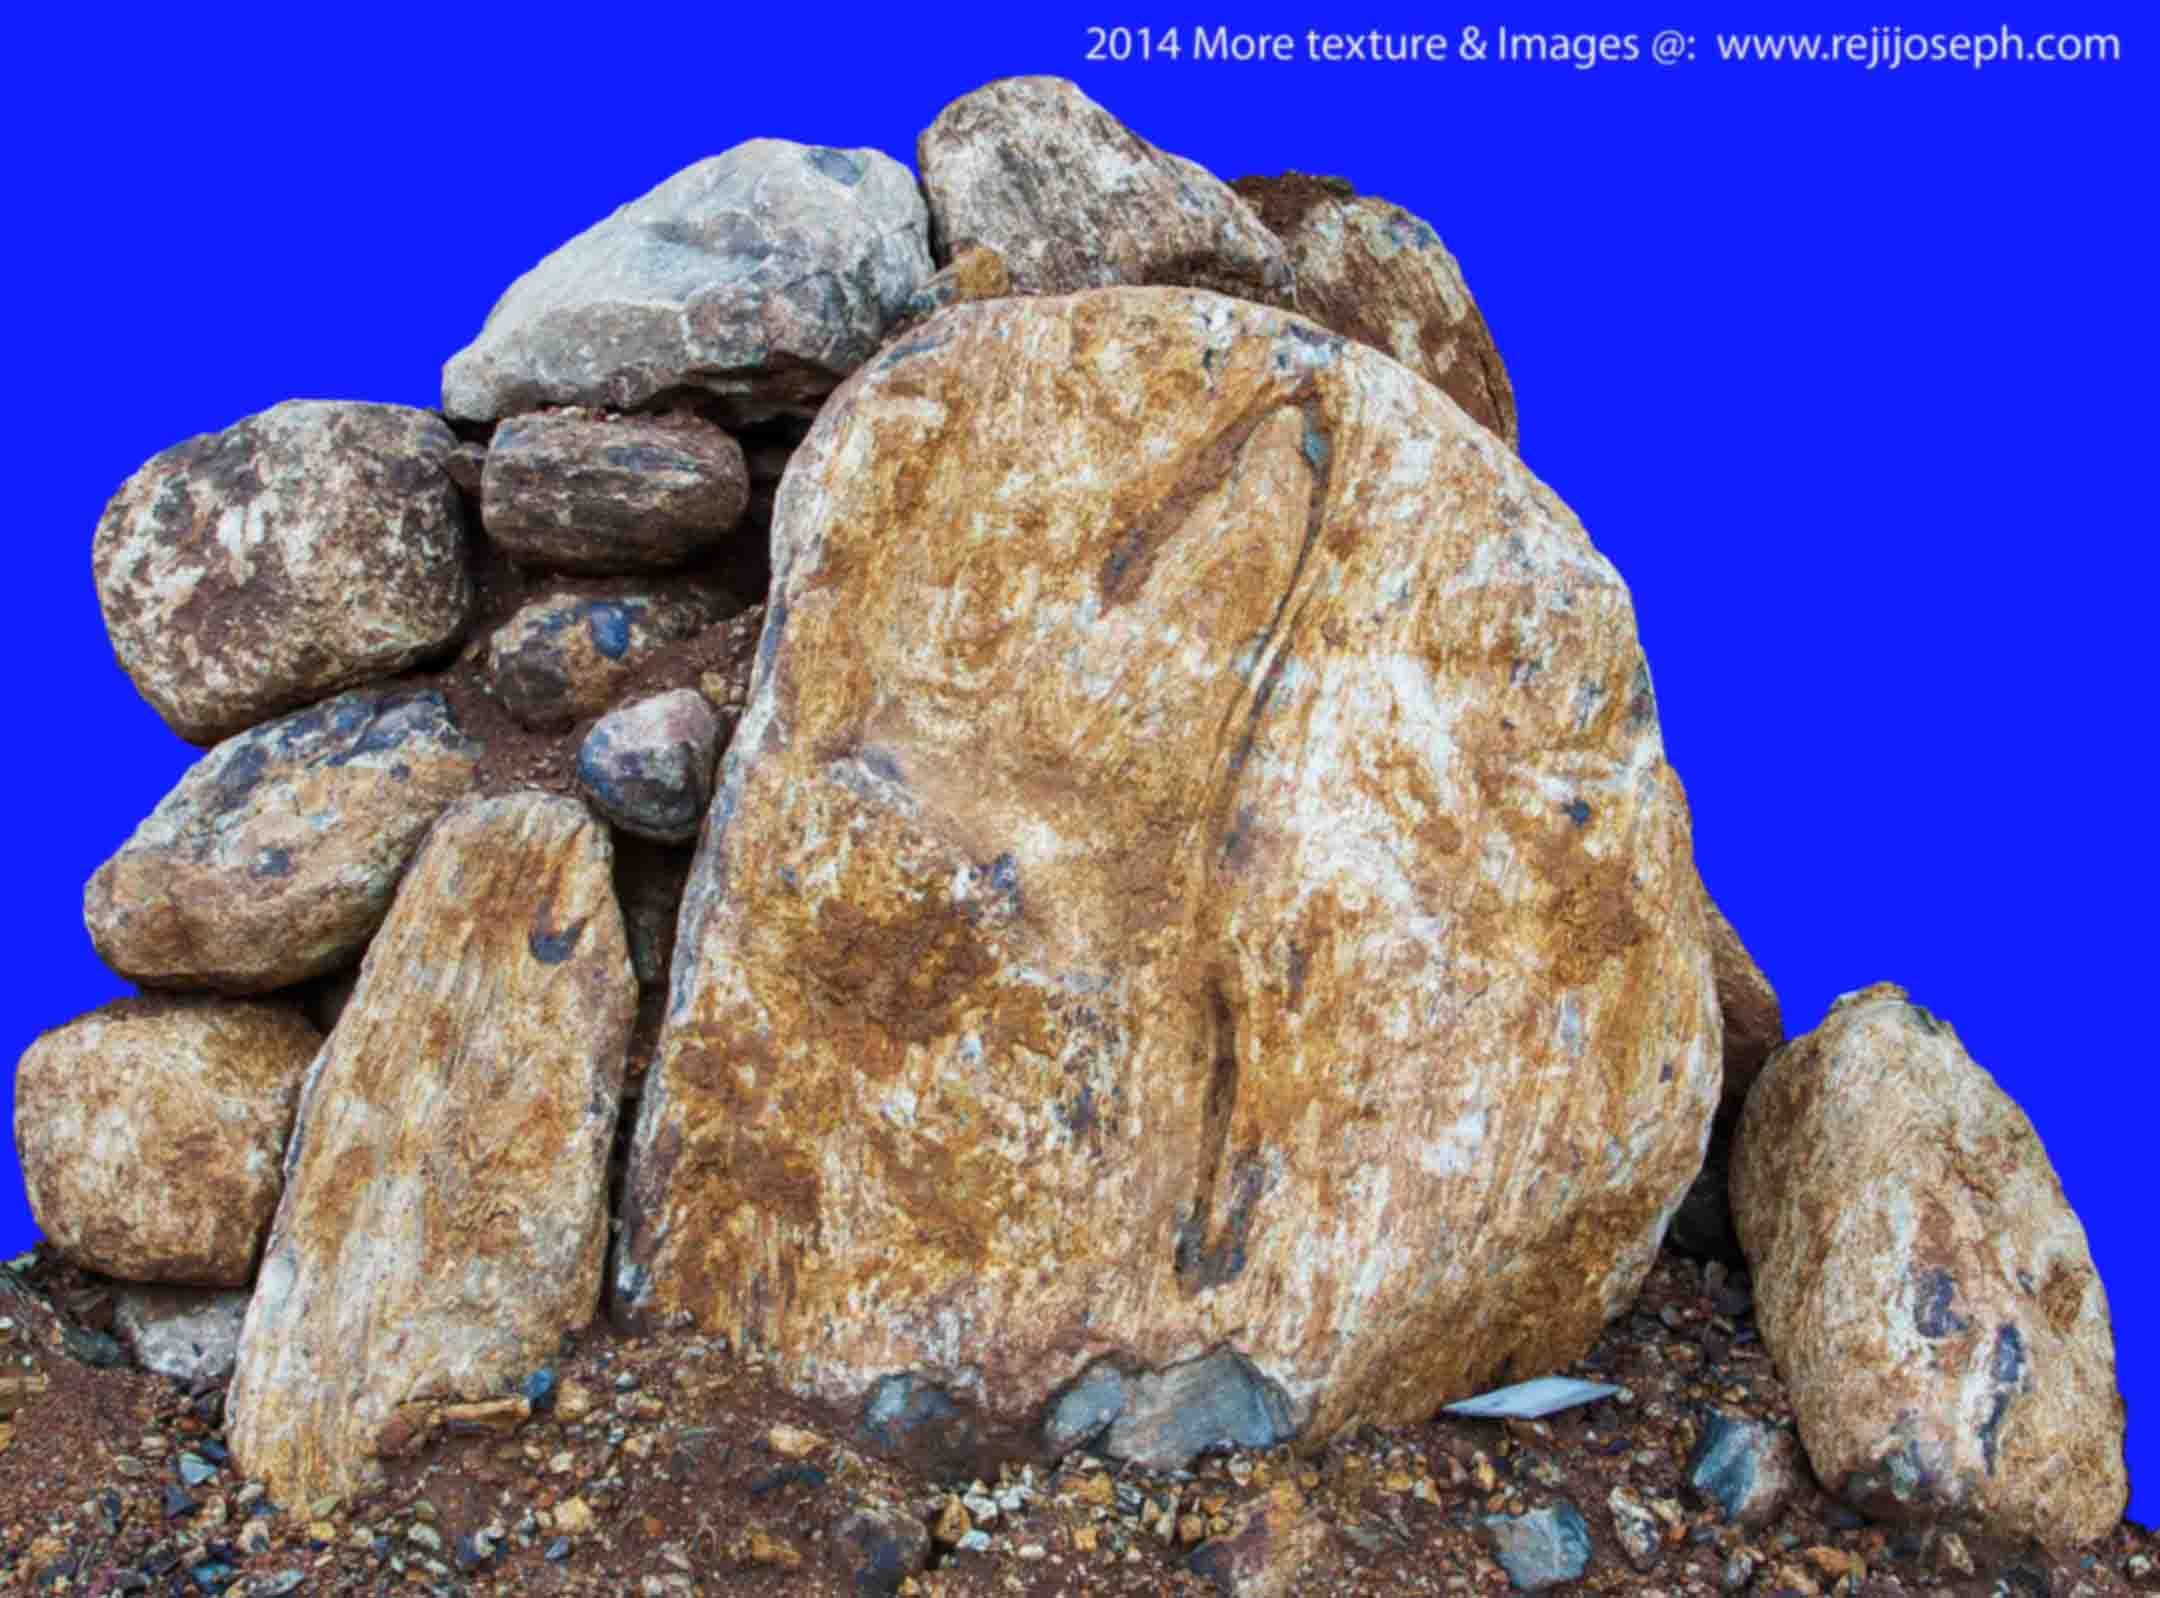 Stone texture 00002